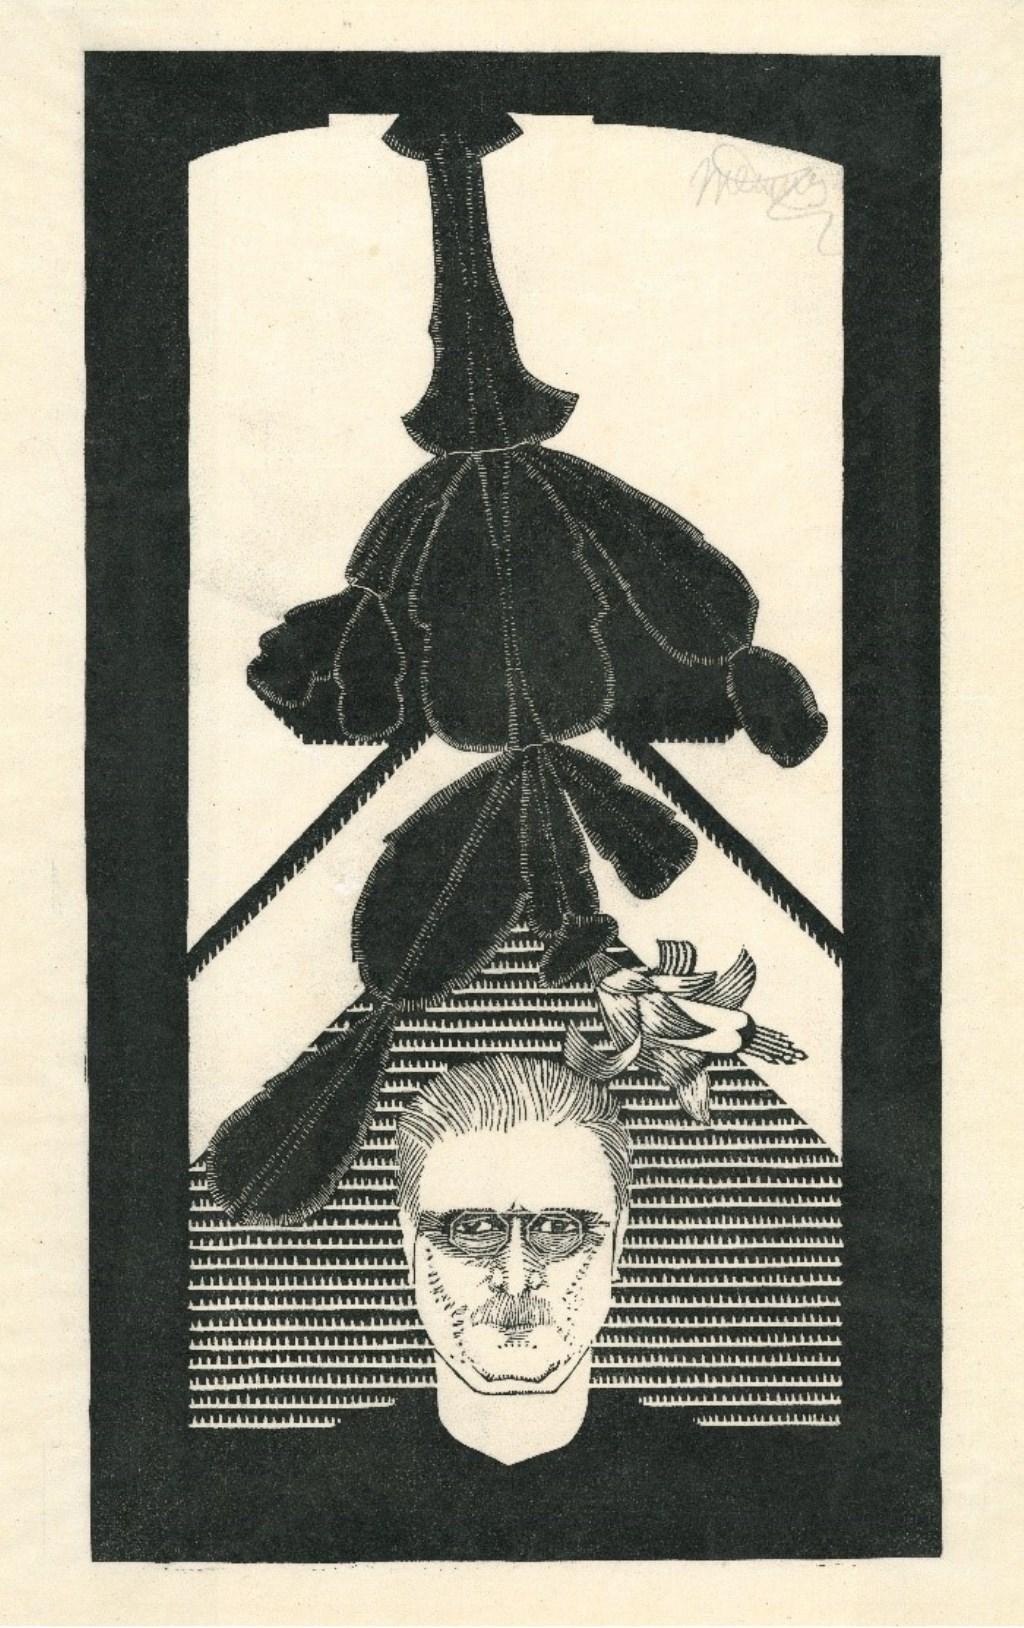 Samuel Jessurun de Mesquita, zelfportret met cactus, 1926-1929, collectie Joods Historisch Museum. Foto: PR